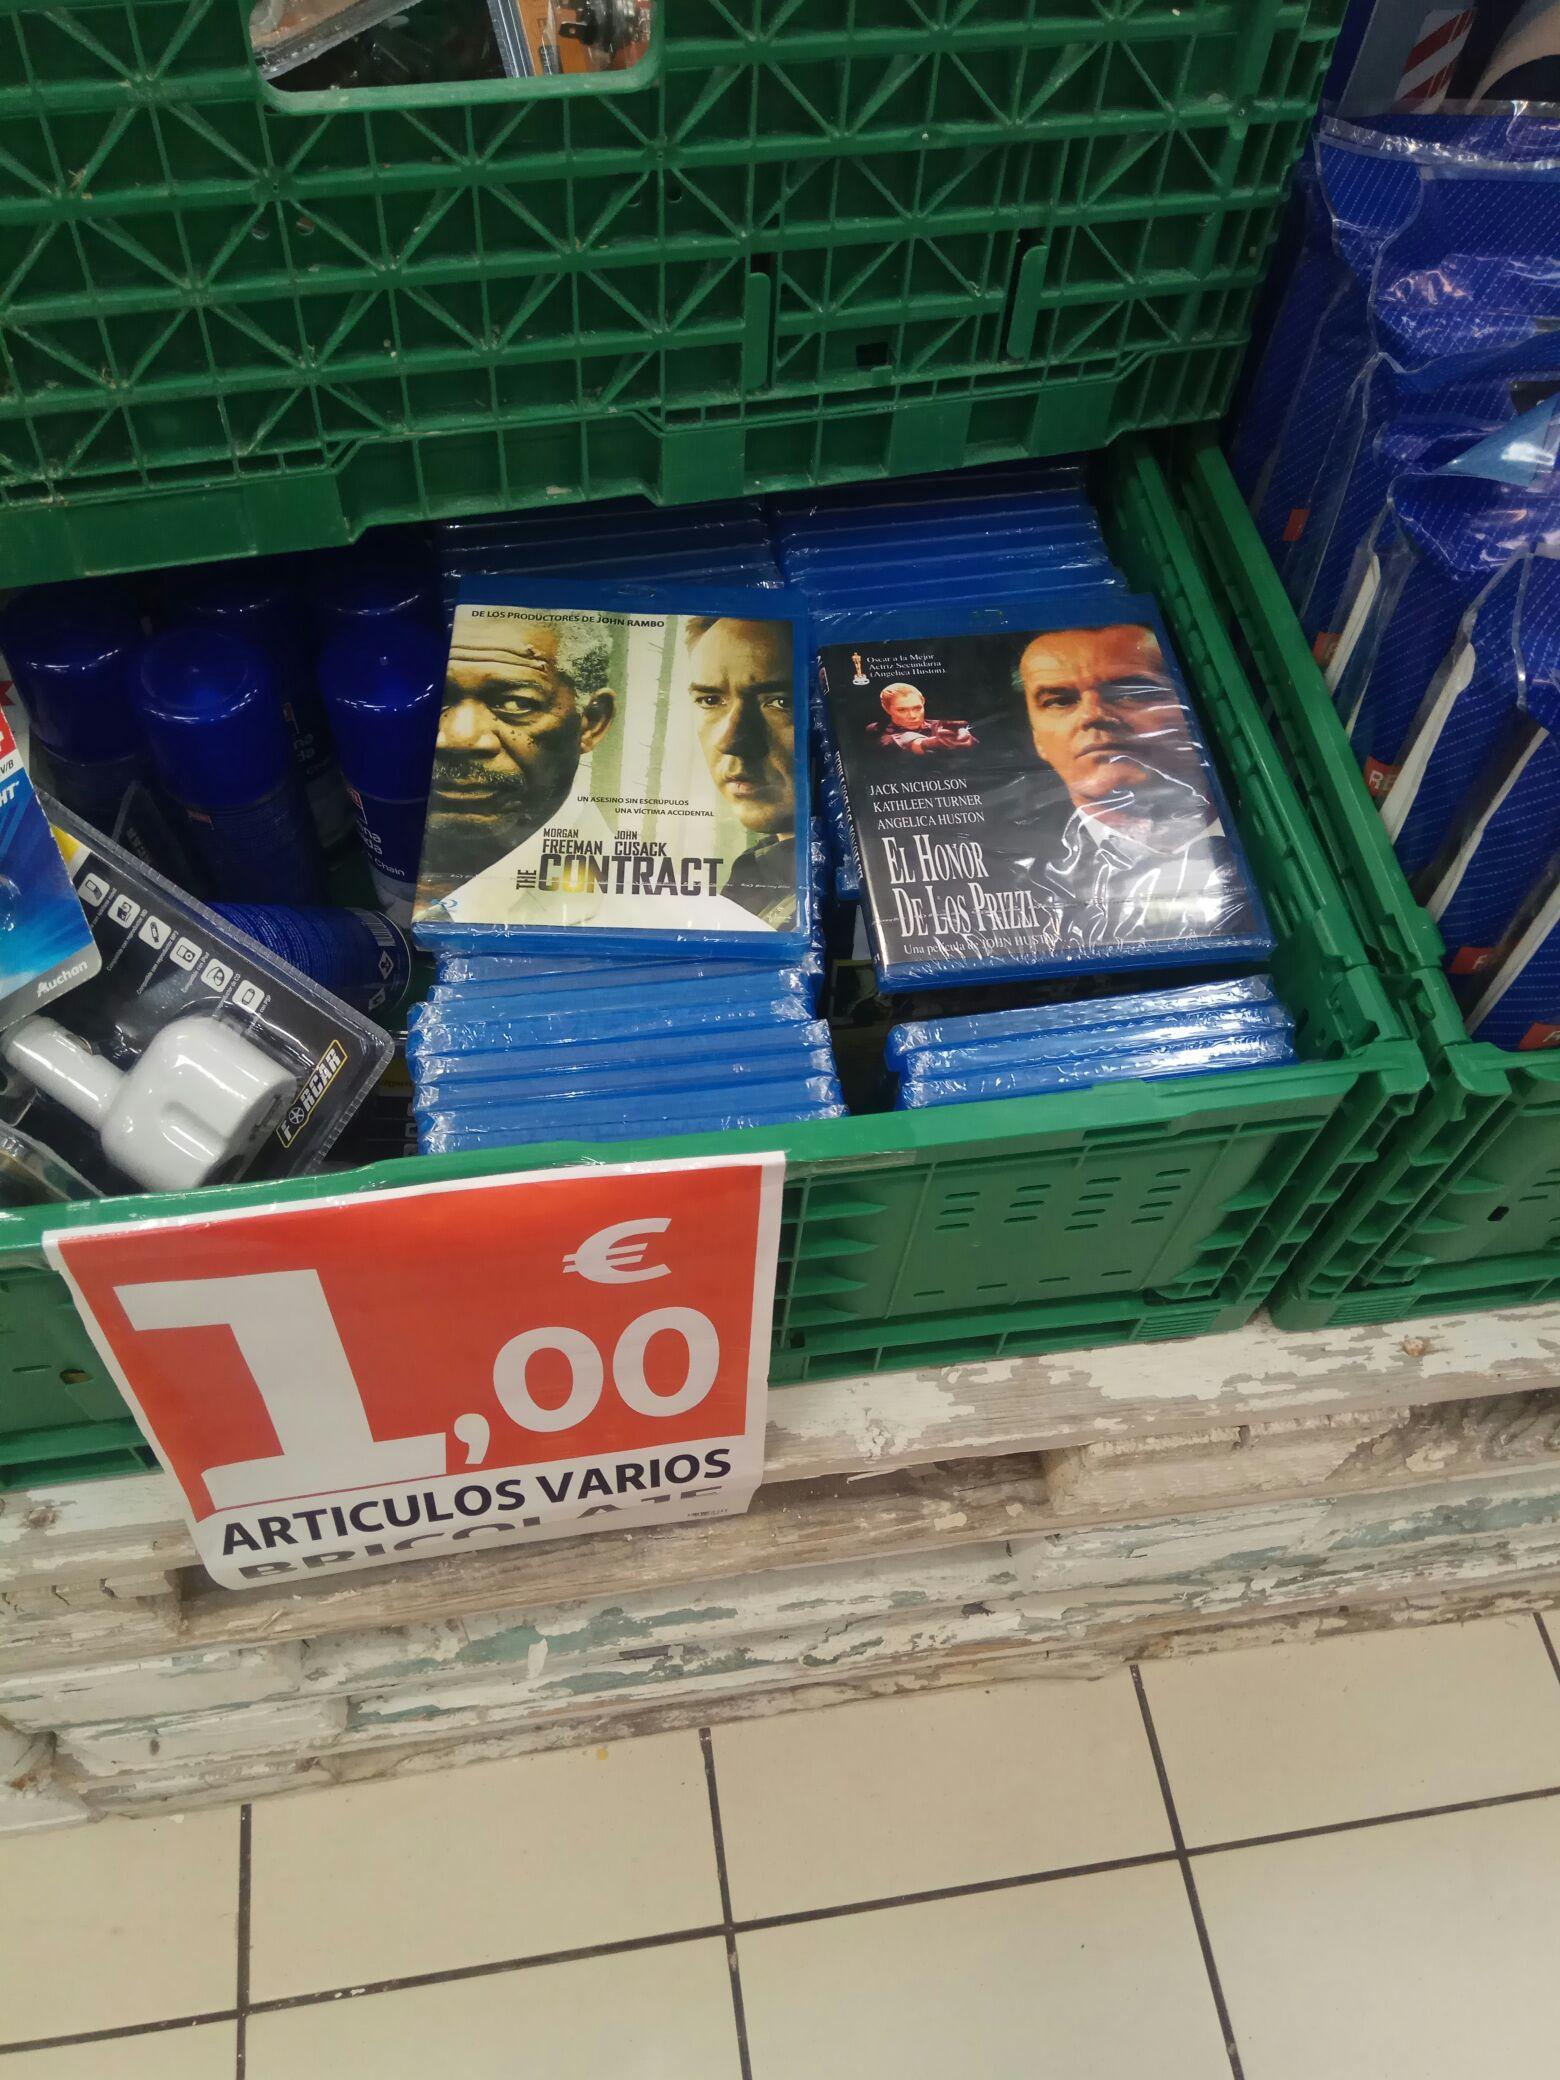 Películas Blu-ray y más... Alcampo Barbastro.